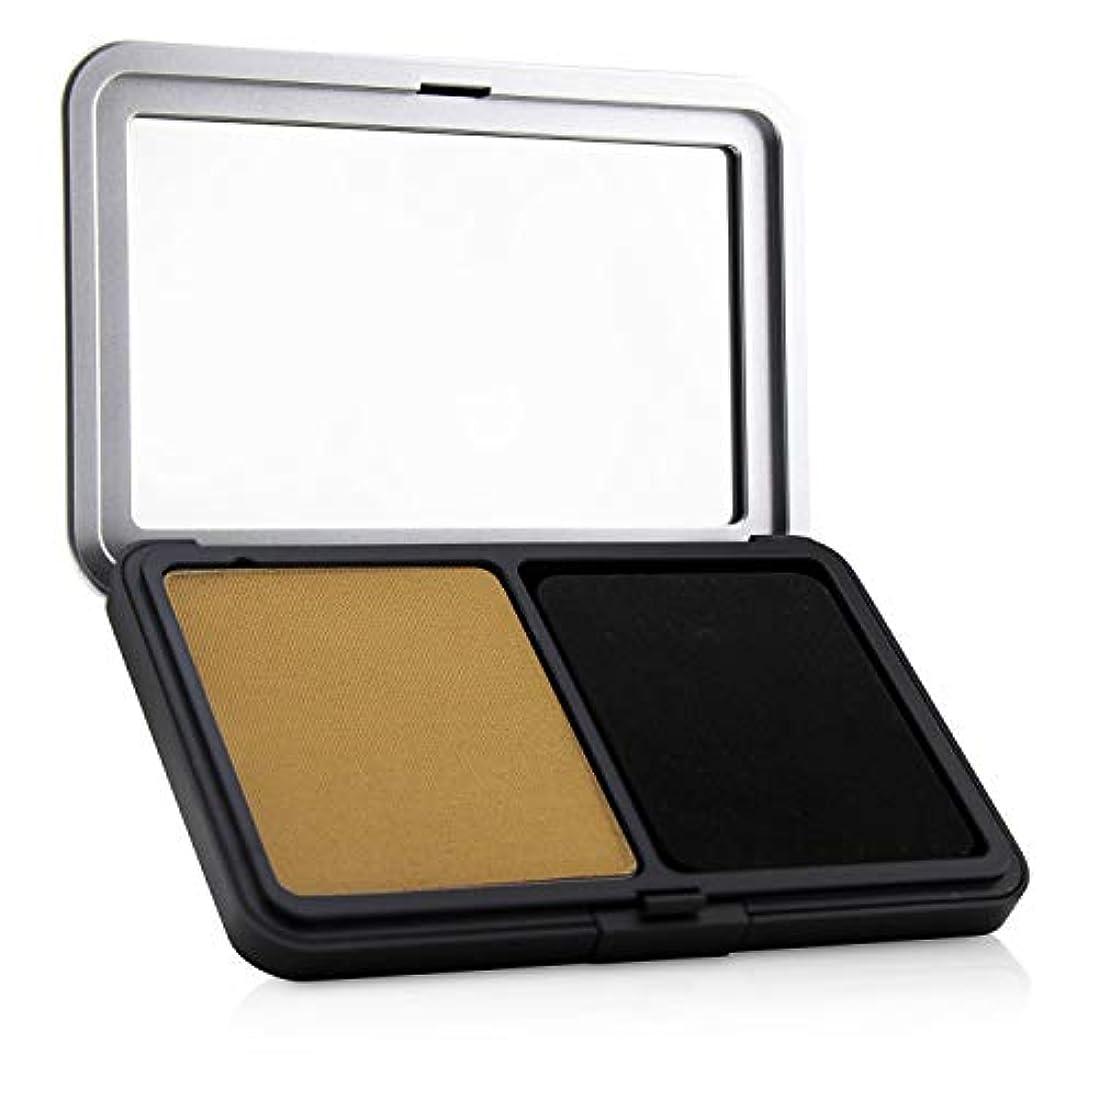 頂点参加者こだわりメイクアップフォーエバー Matte Velvet Skin Blurring Powder Foundation - # Y405 (Golden Honey) 11g/0.38oz並行輸入品